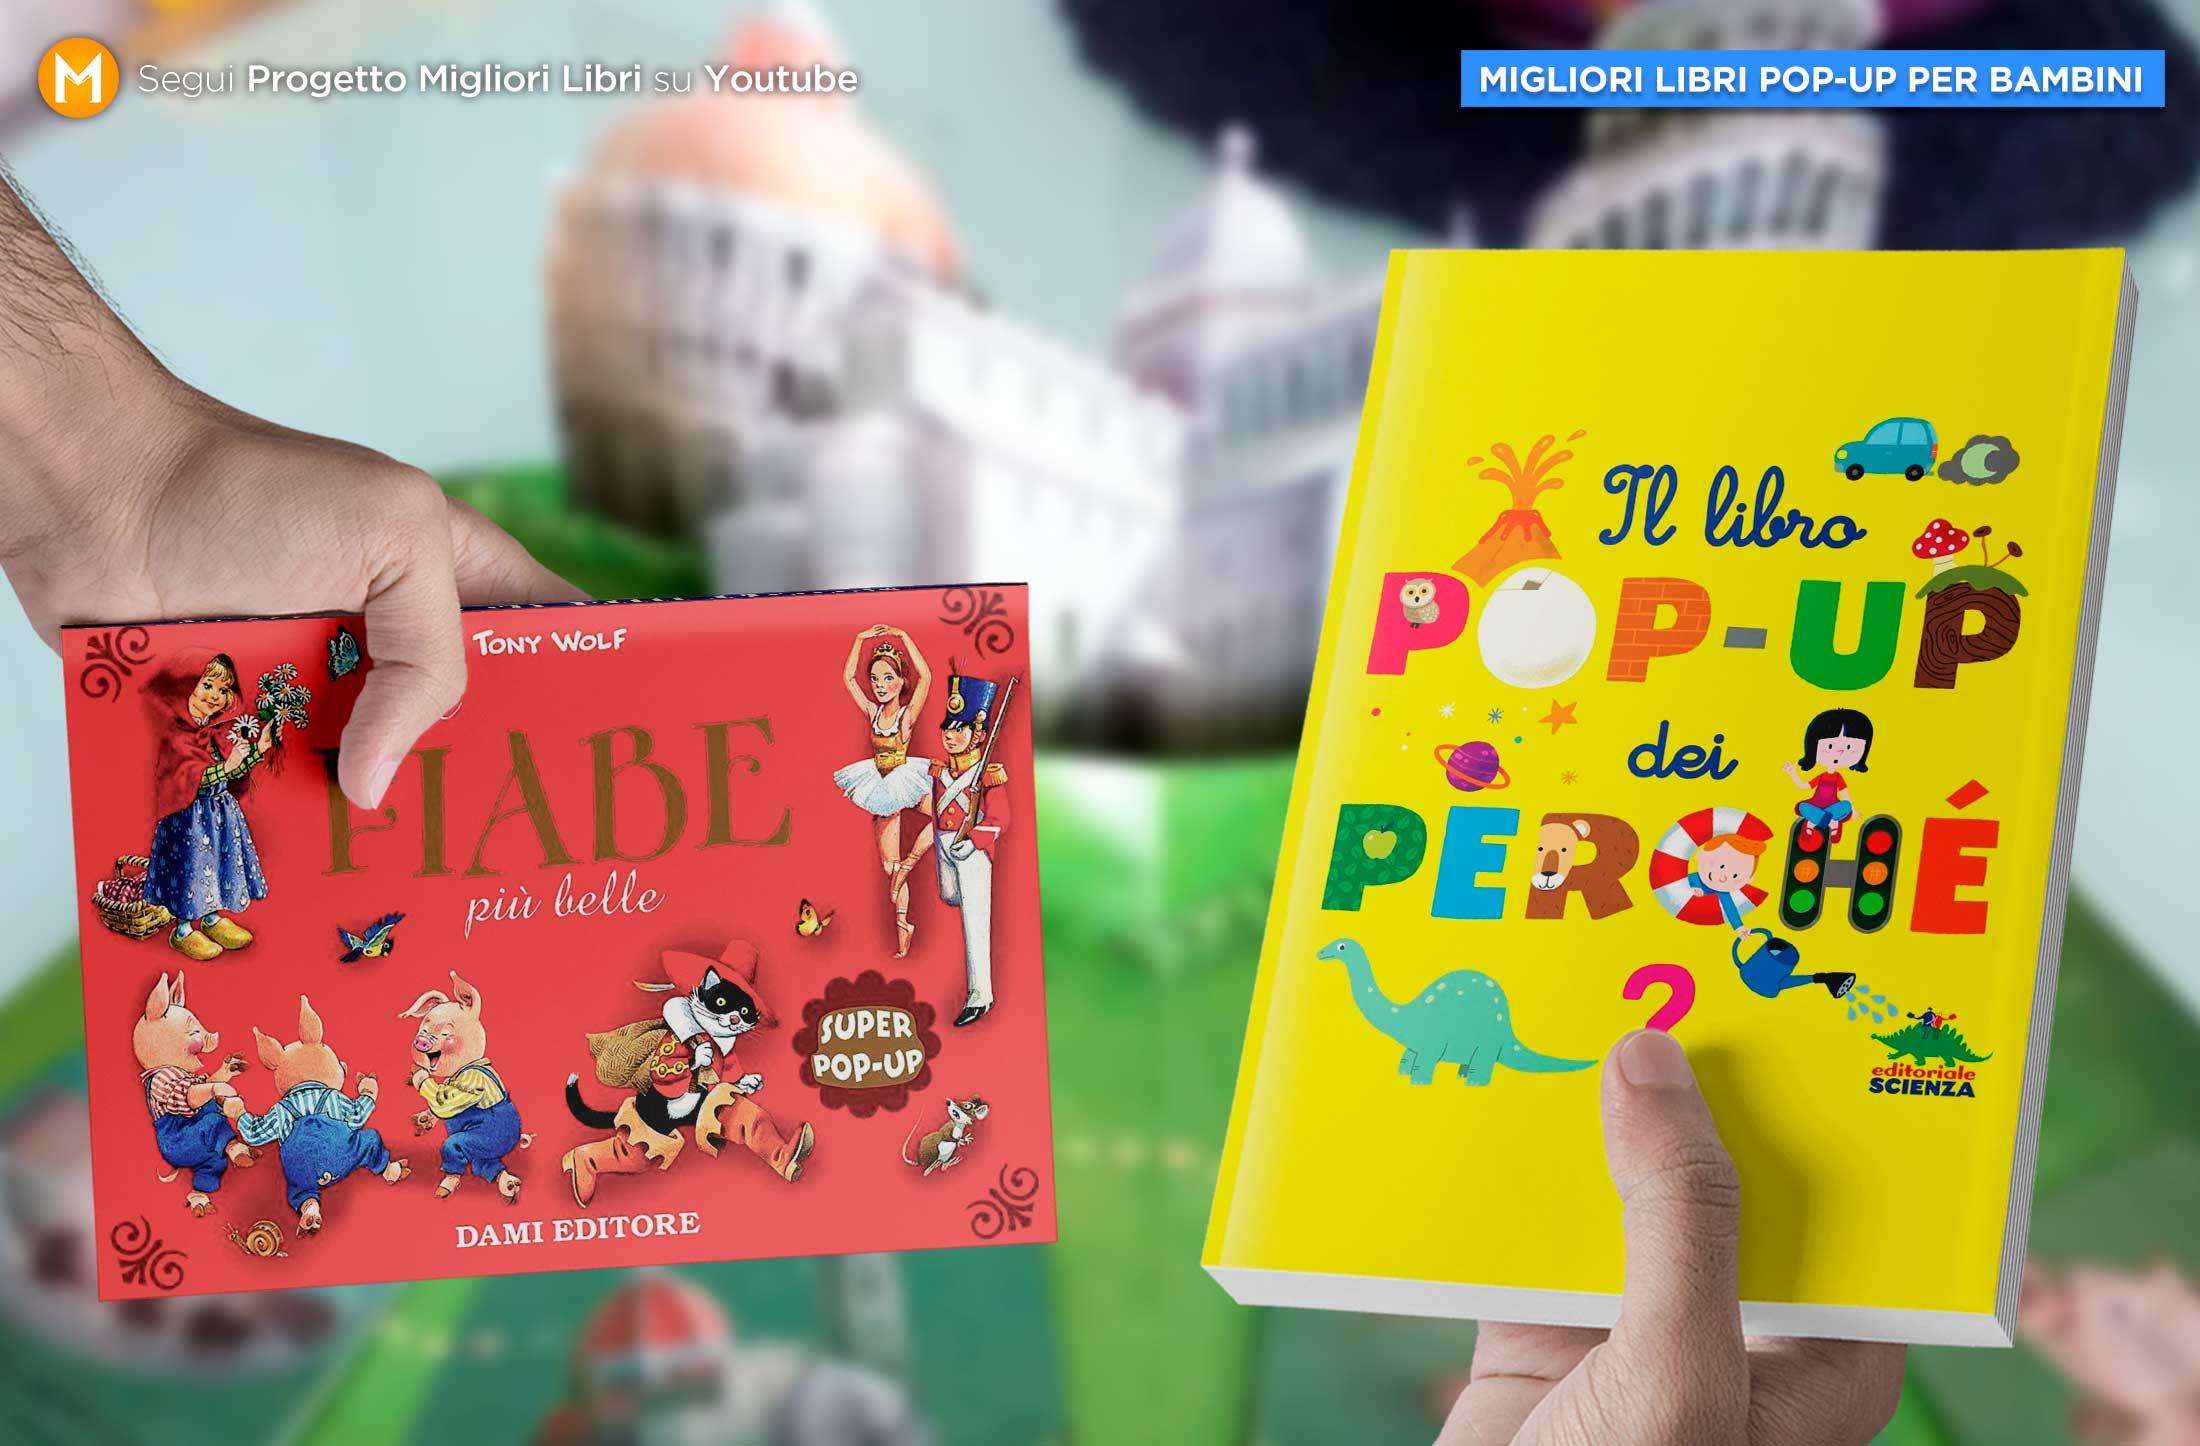 migliori libri pop up per bambini